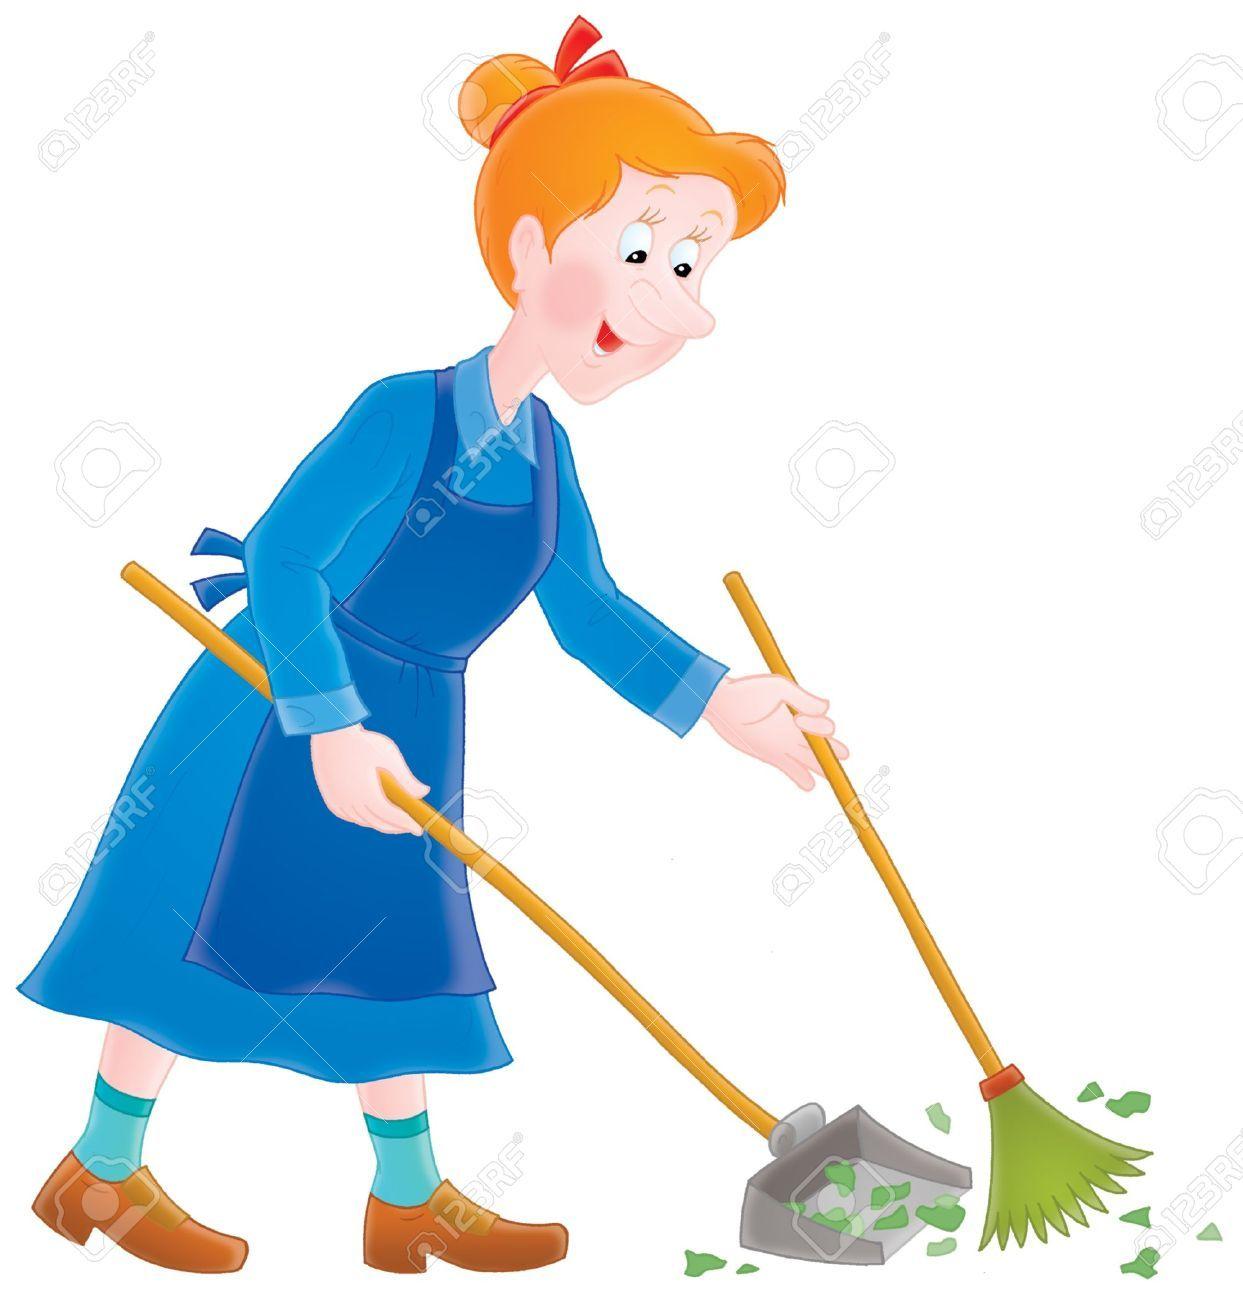 La se ora limpia su j rdin de las hojas usando la escoba y - Robot que limpia el piso ...